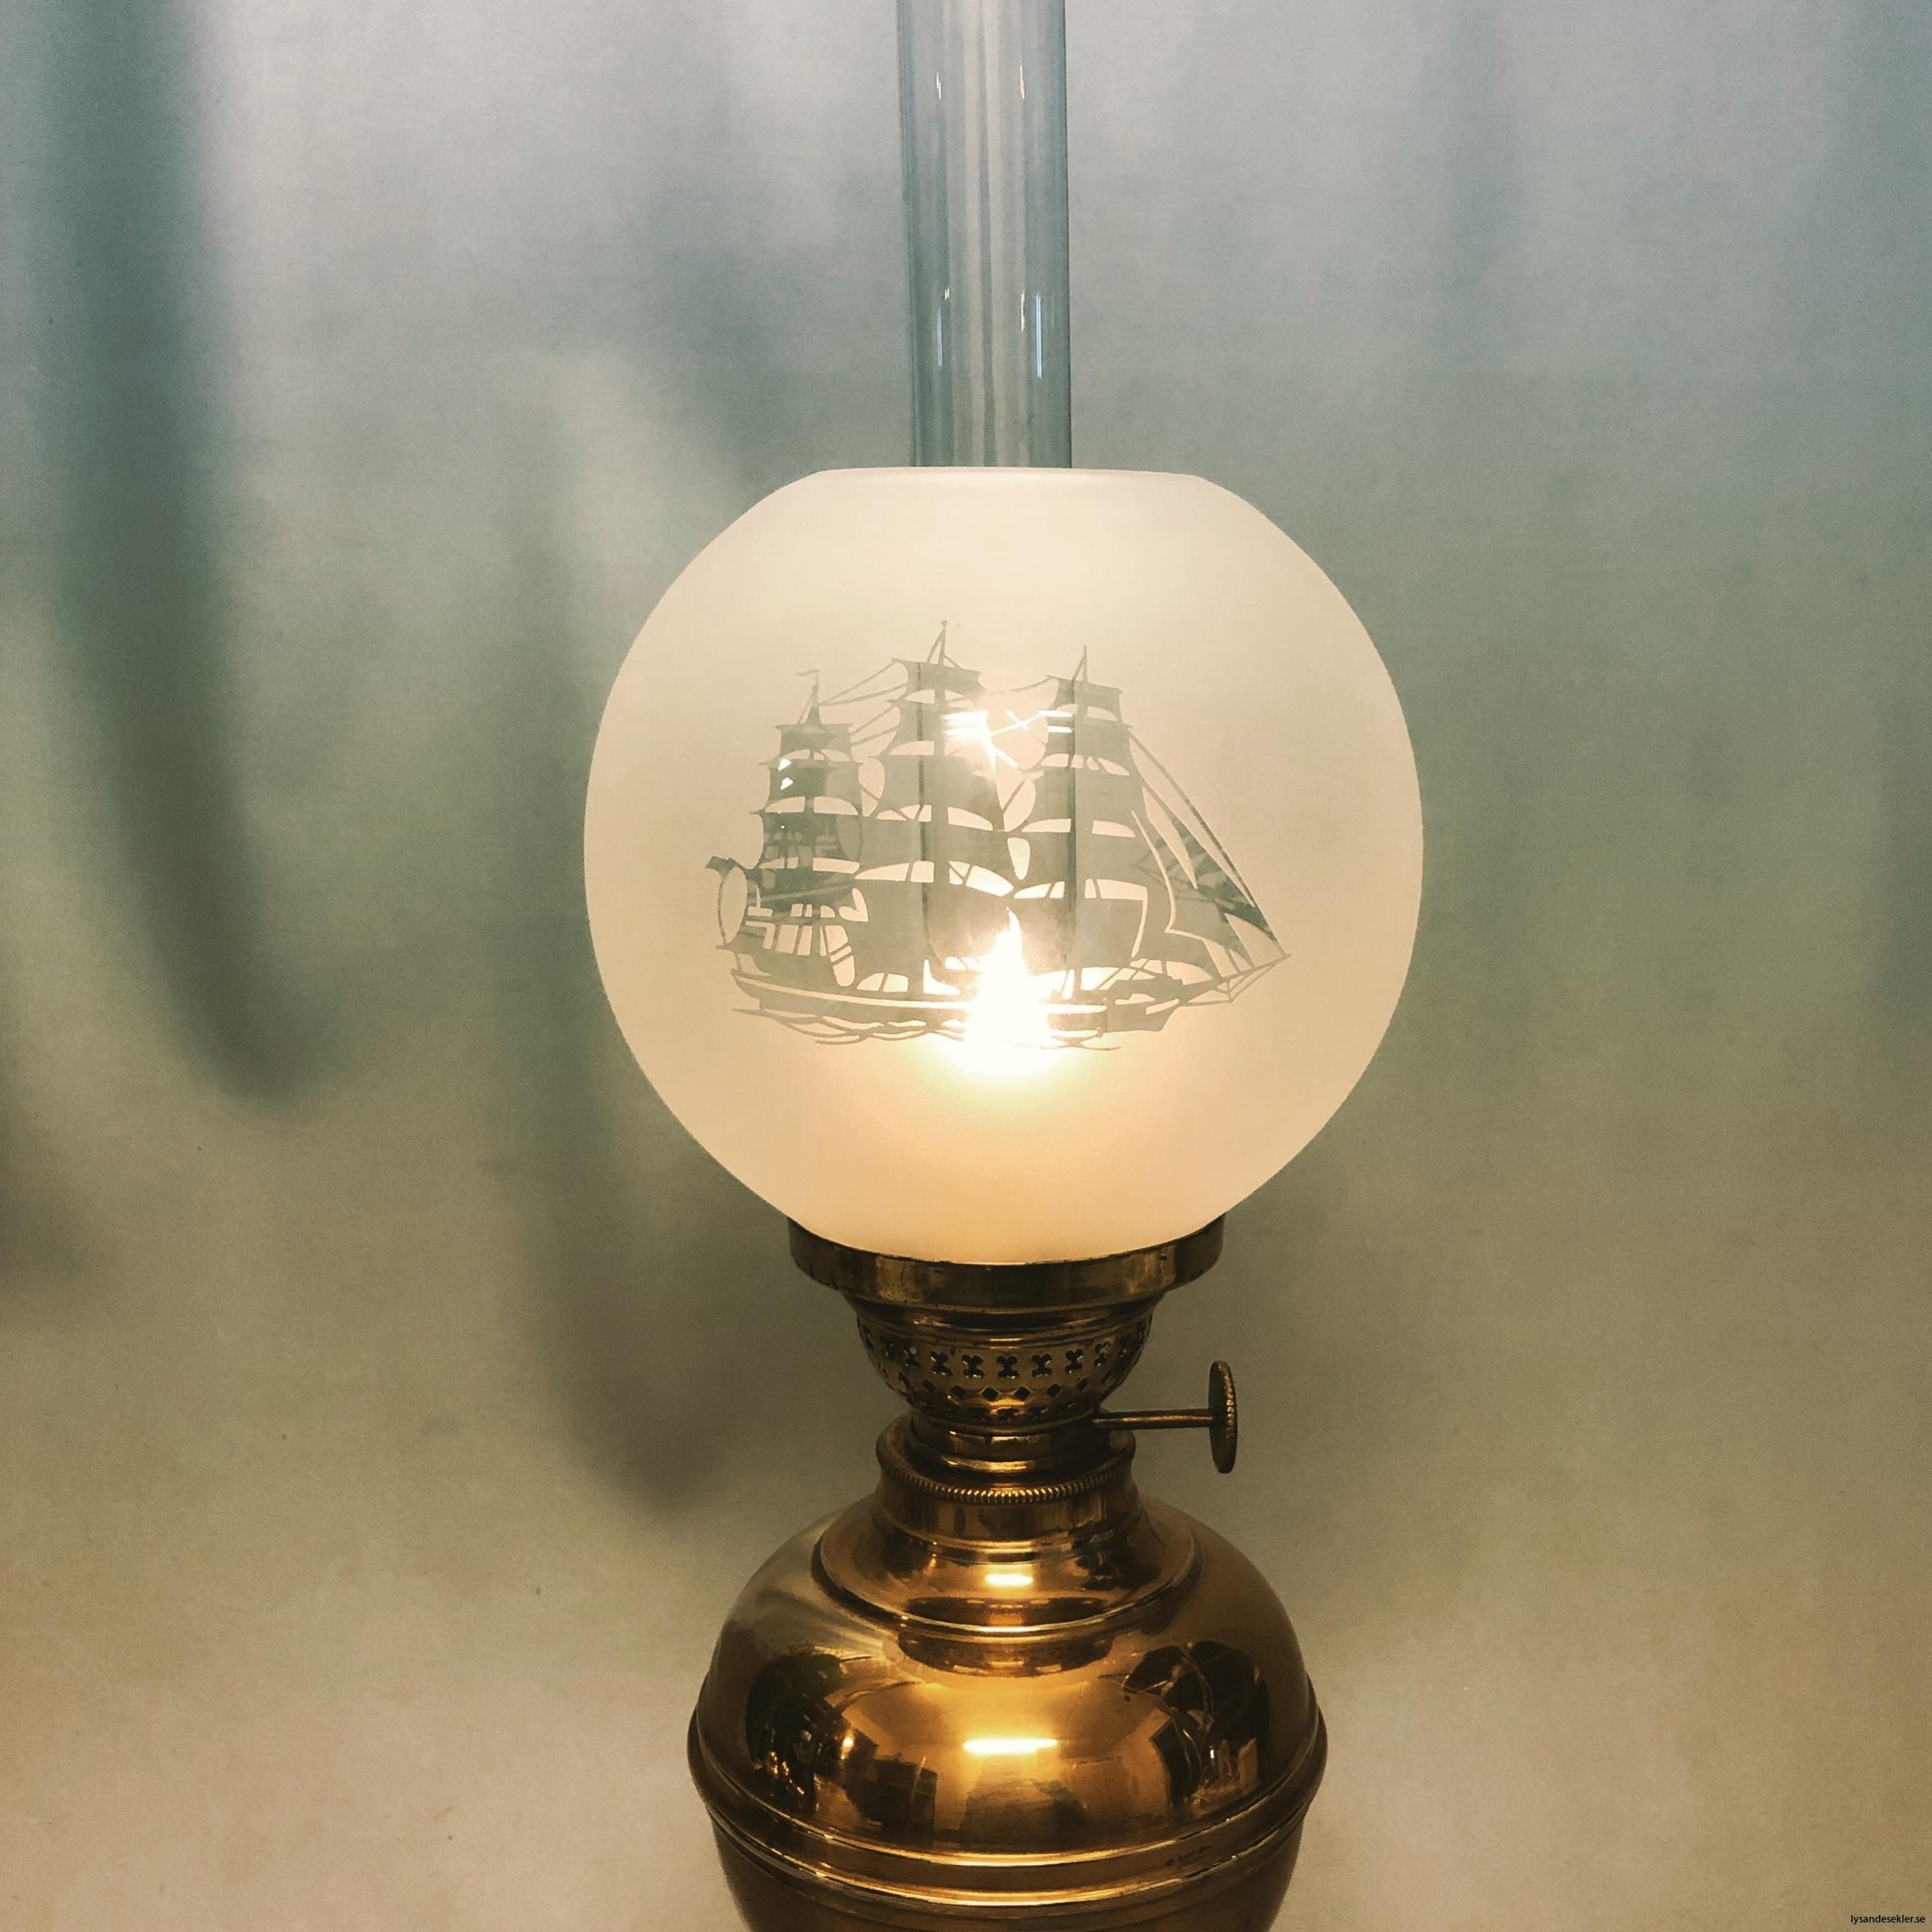 små klotkupor 135 mm till fotogenlampor dansk design2